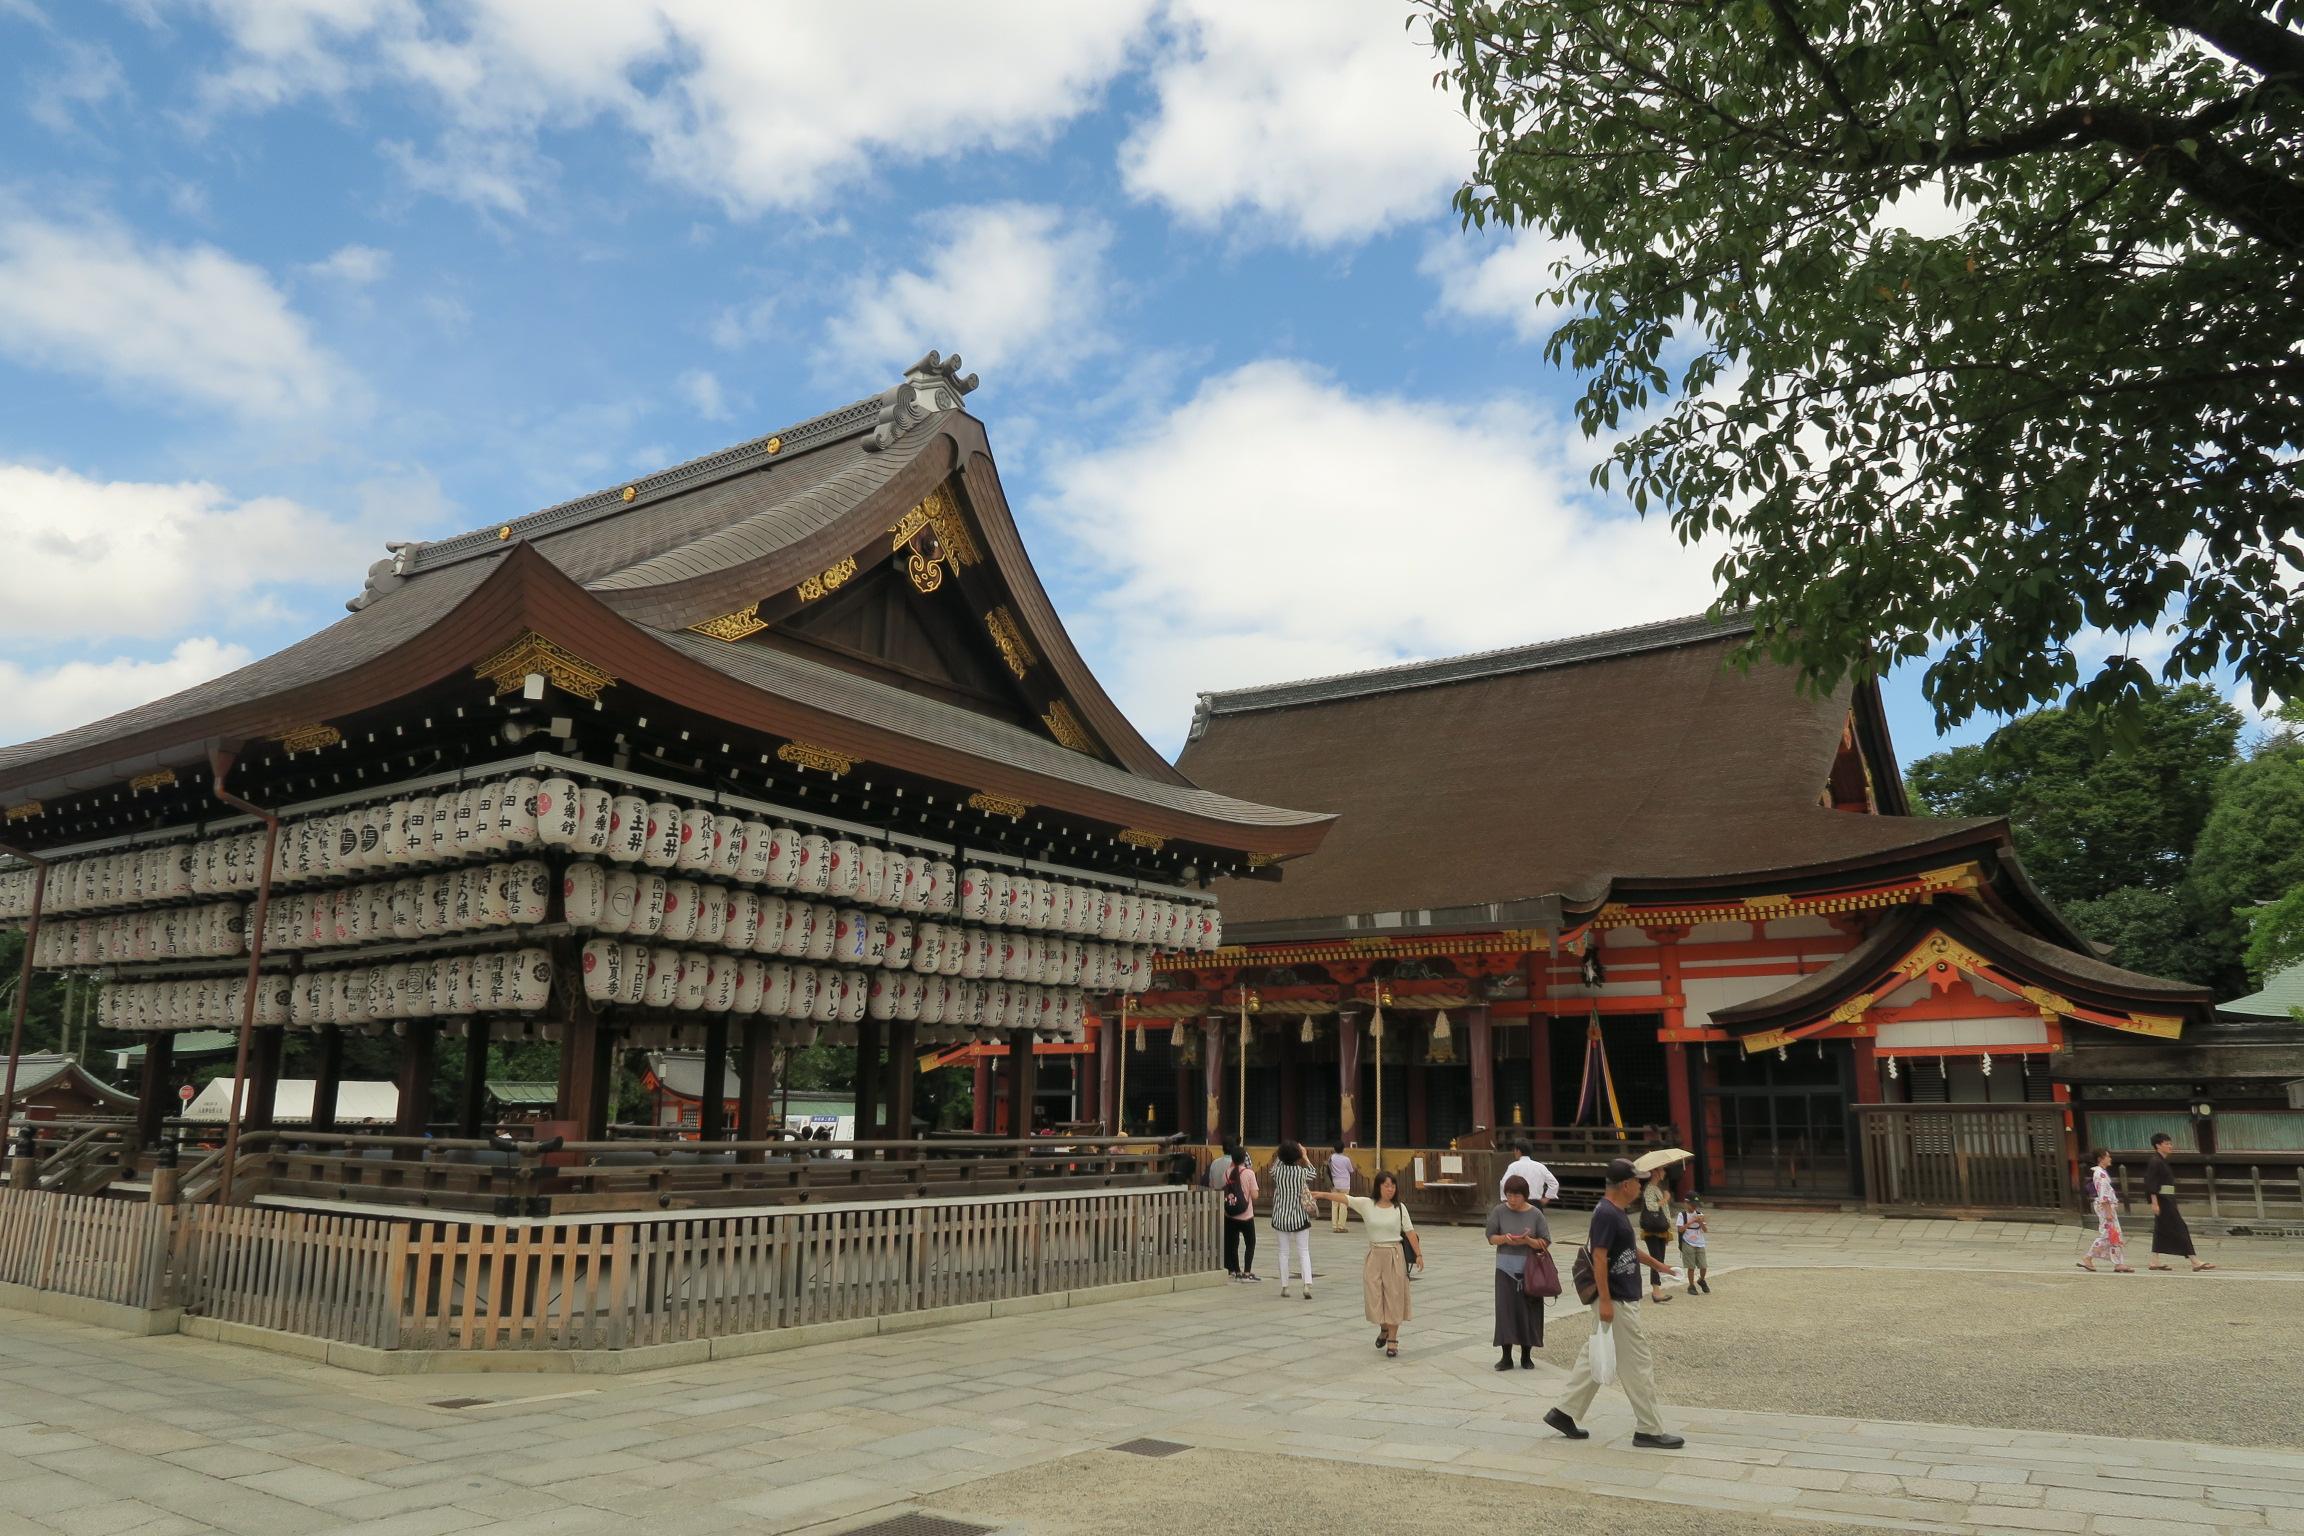 八坂神社。元々は祇園神社などと呼ばれていて祇園さんとも呼ばれるそうです。